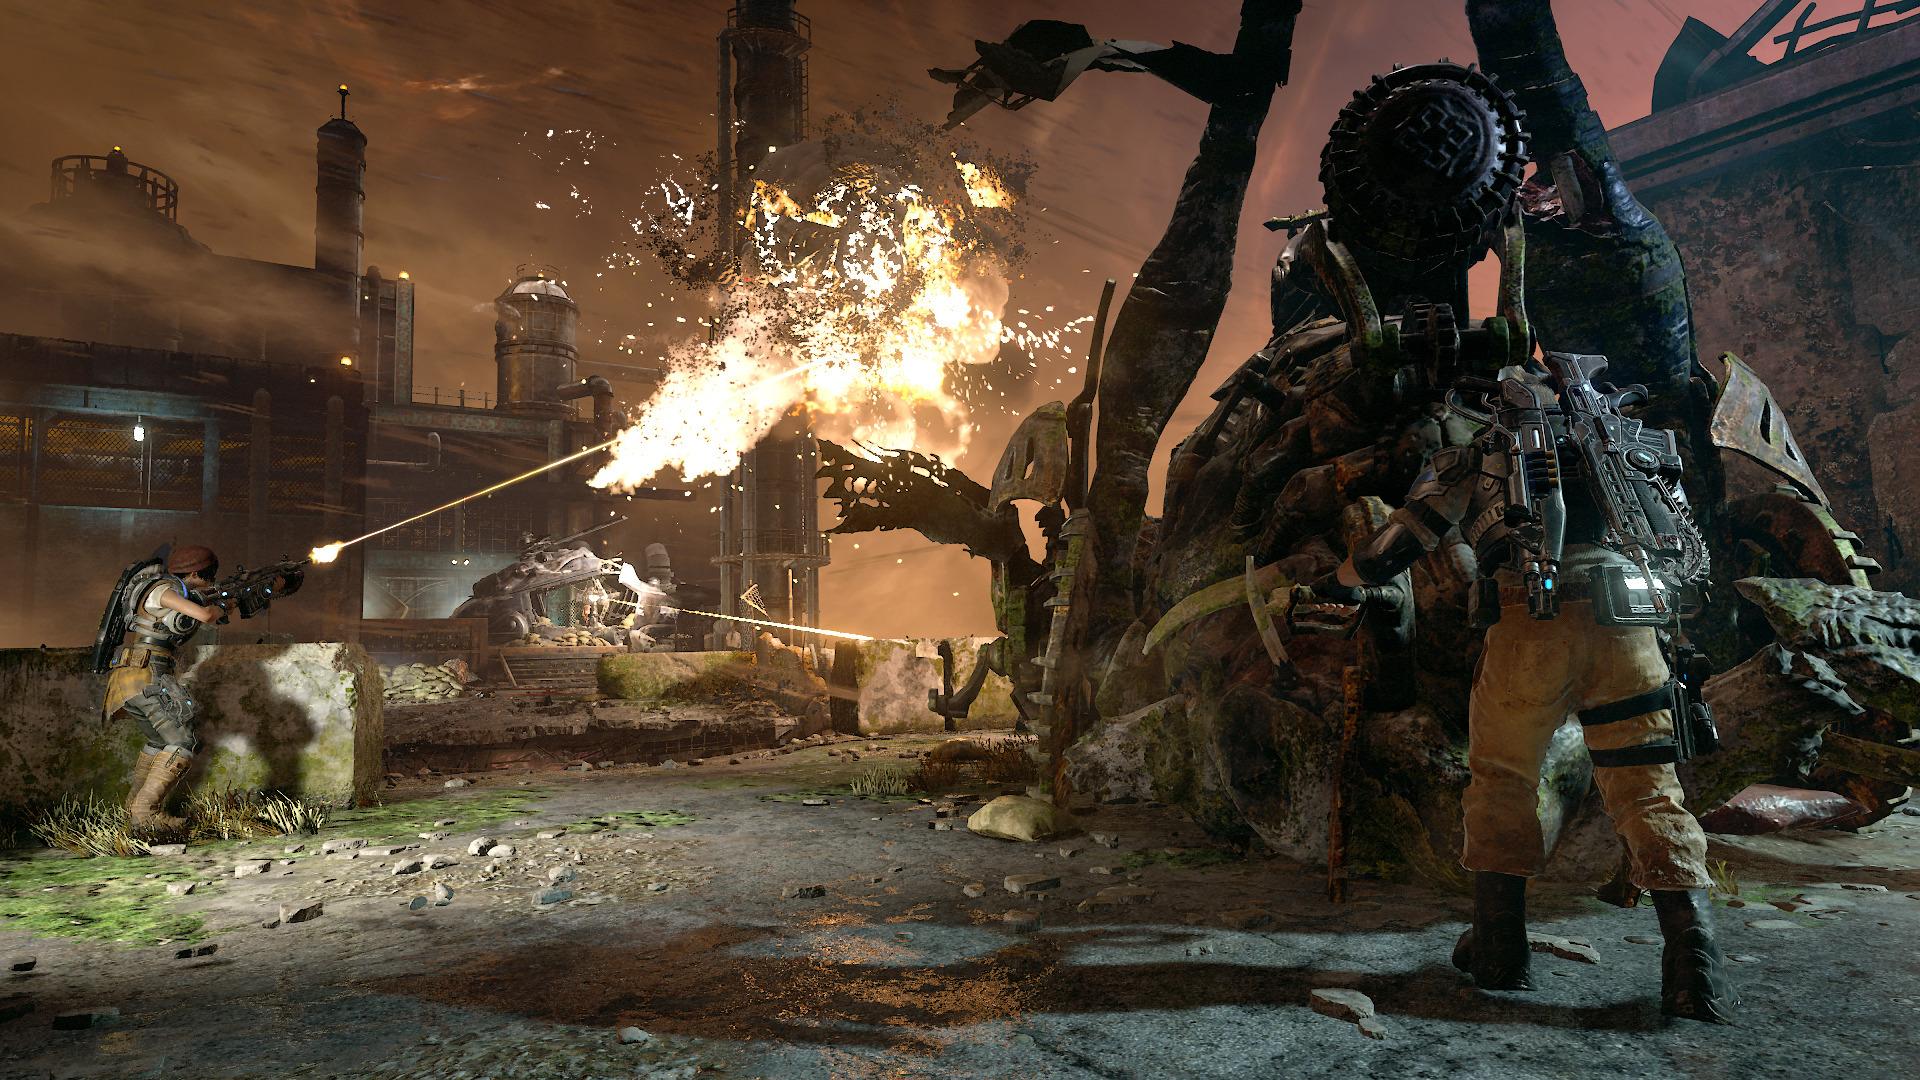 gears_of_war_4_82fcee52.jpeg - Gears of War 4